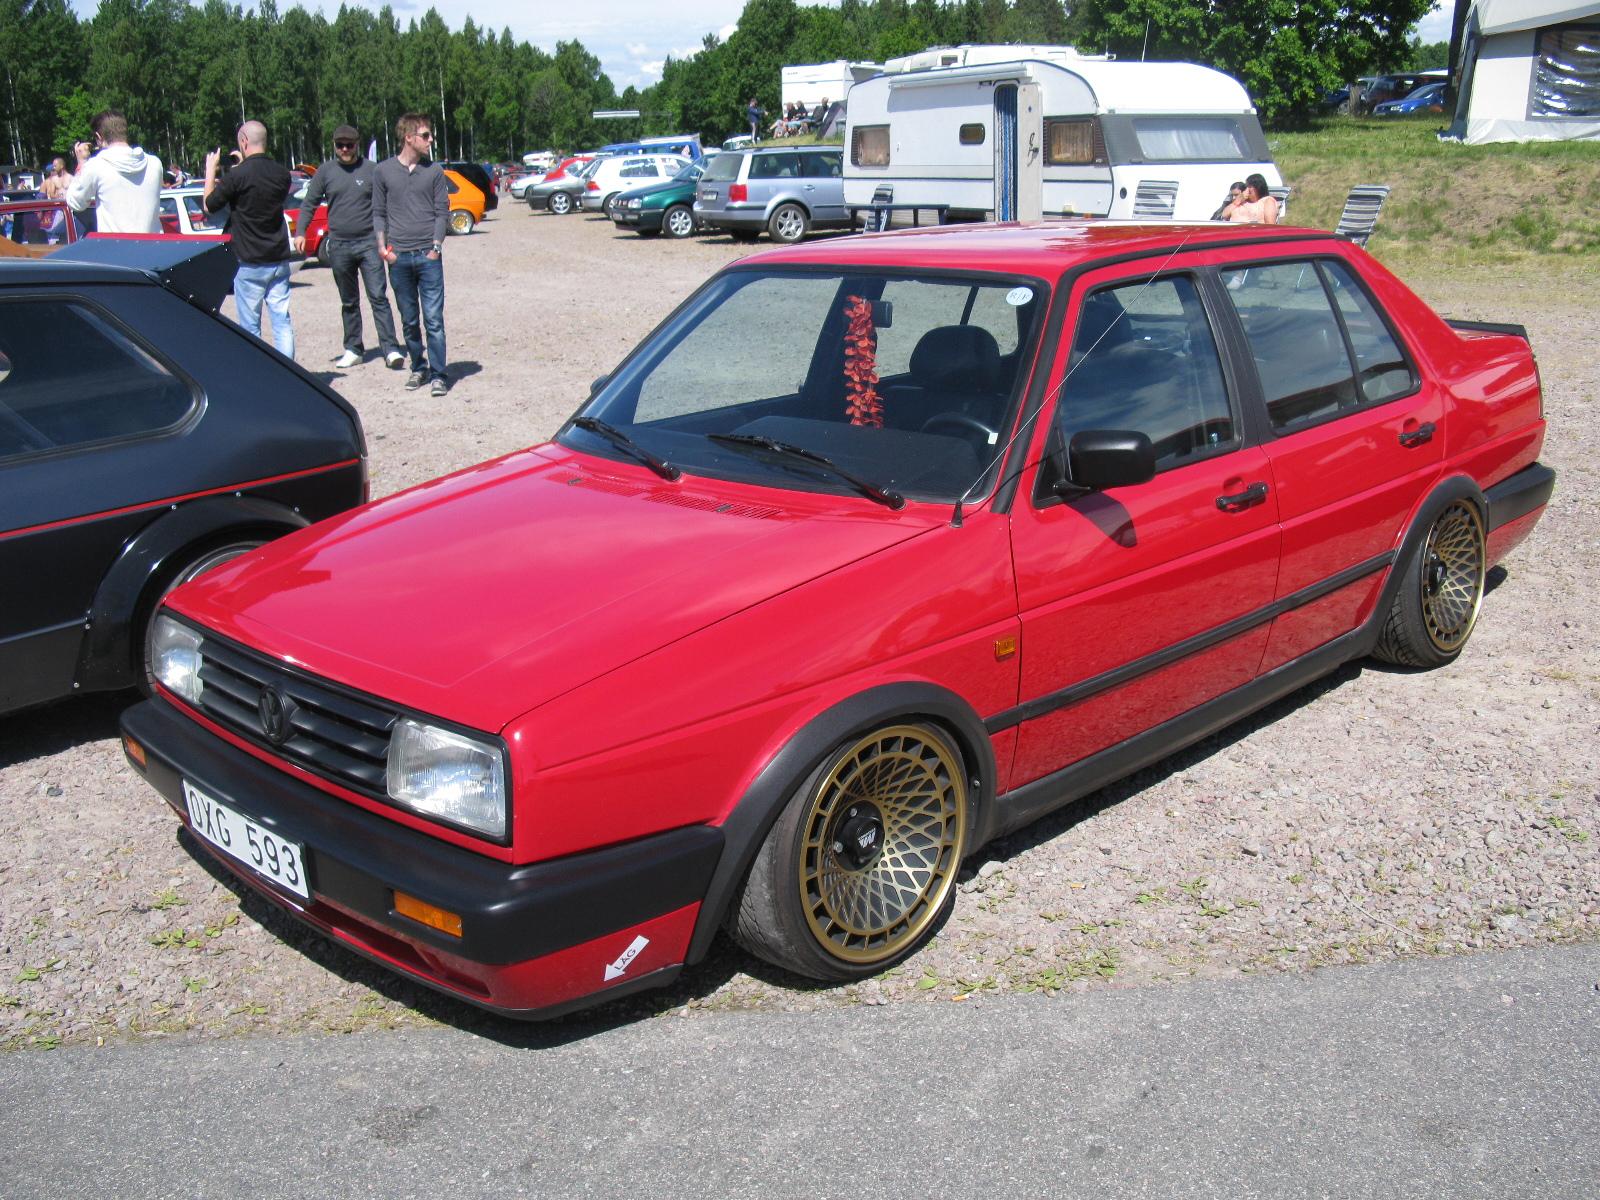 Oryginalne części samochodowe – czy warto je kupować? 8